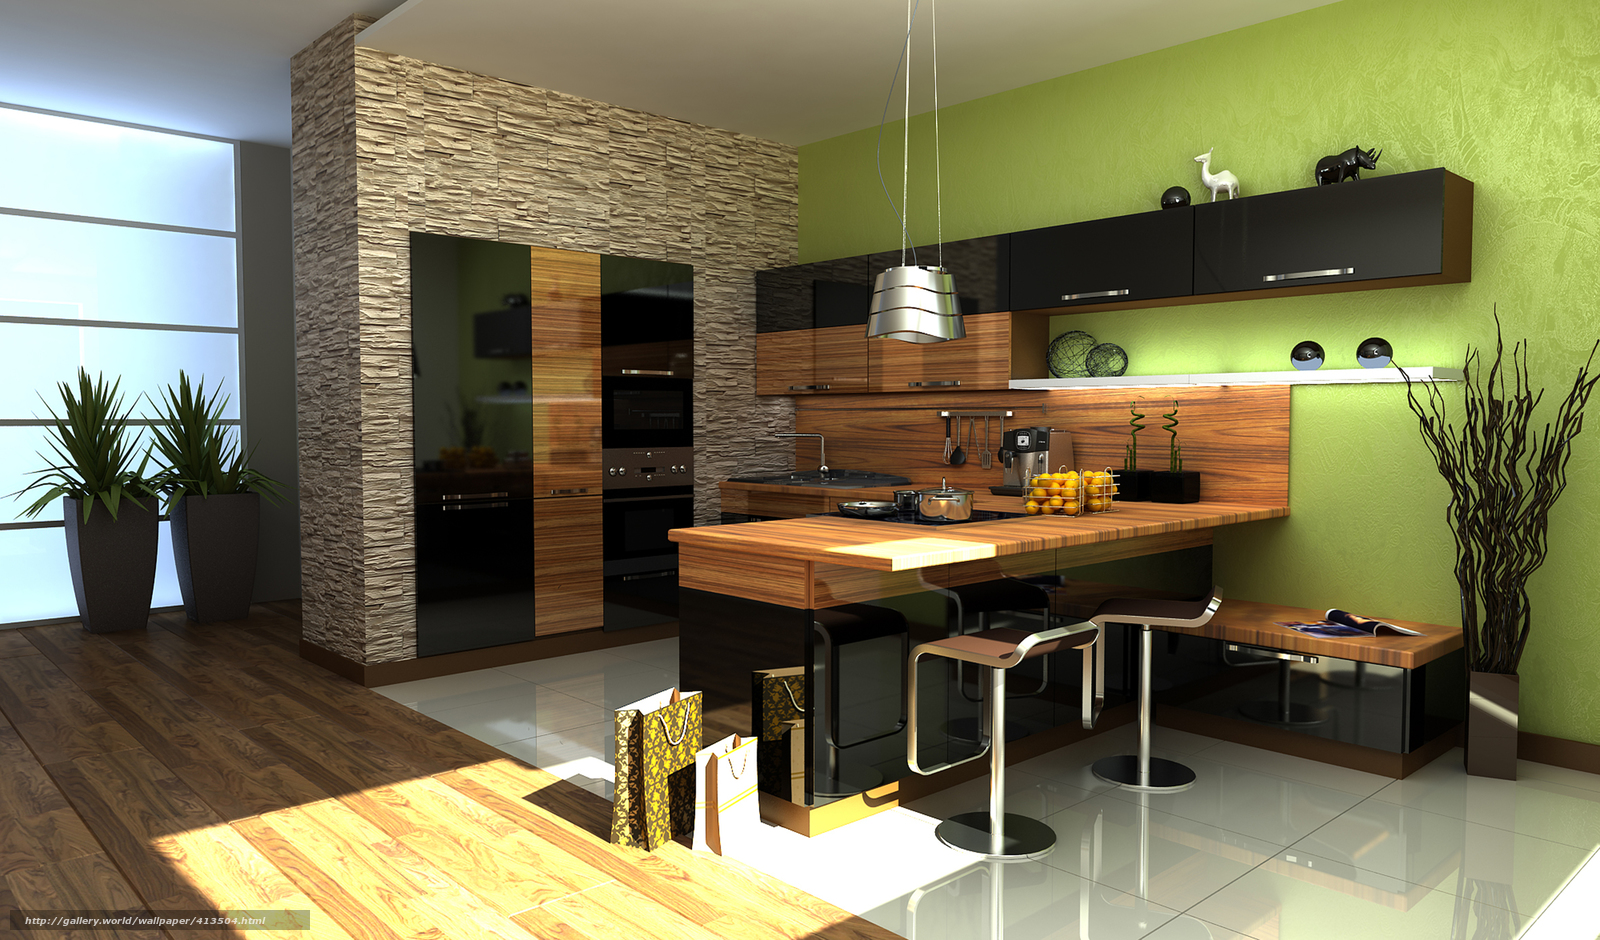 parquet massif blanchi pas cher travaux devis gratuit boulogne billancourt entreprise pykijx. Black Bedroom Furniture Sets. Home Design Ideas